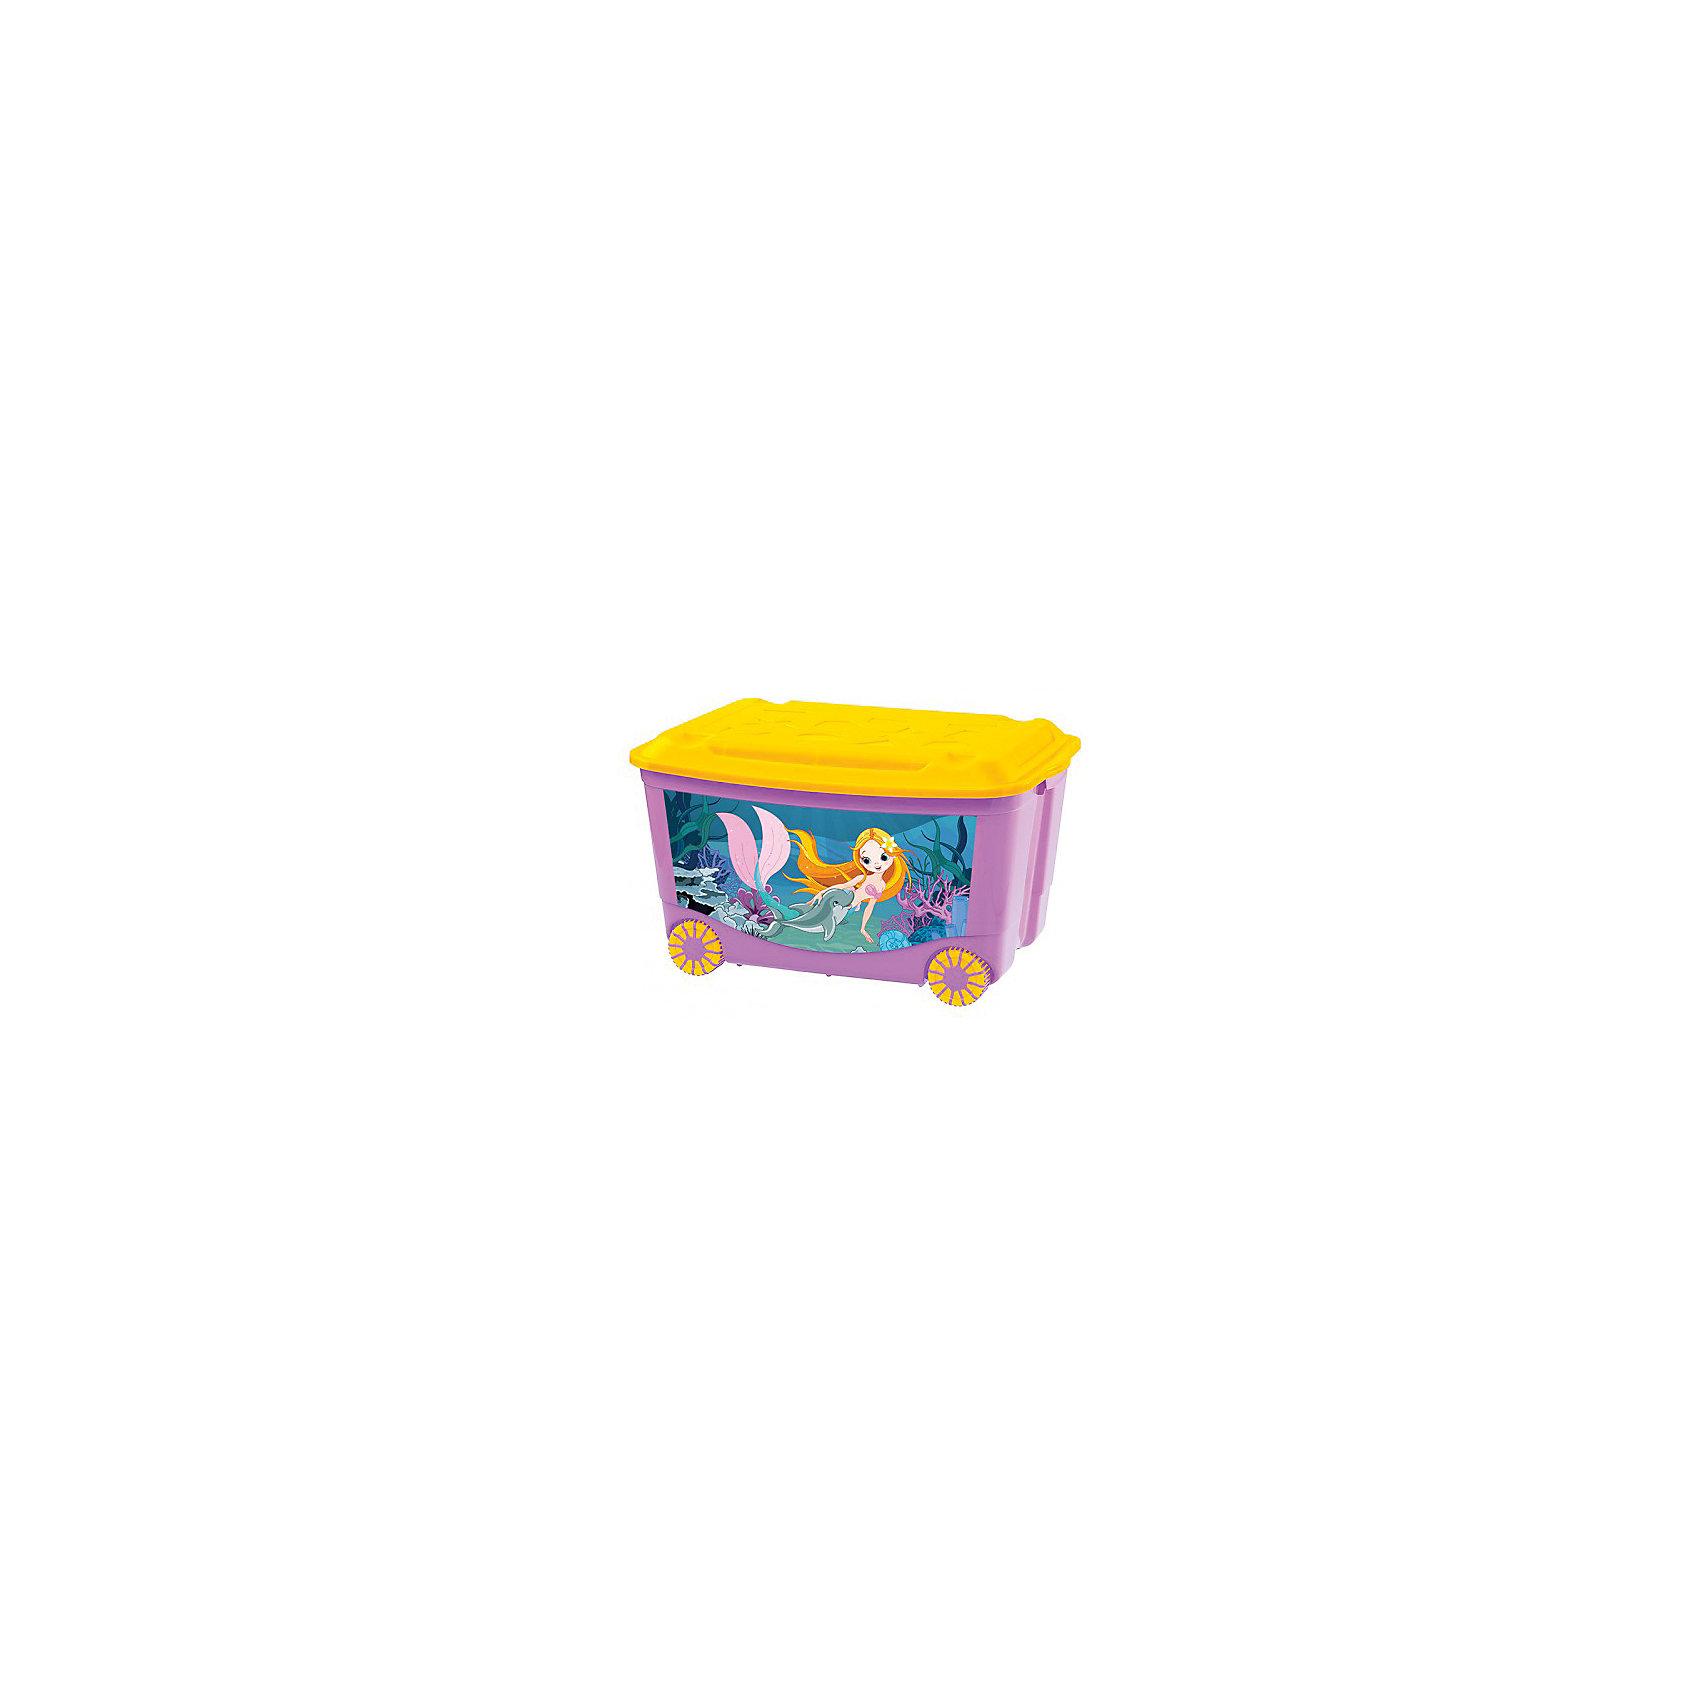 Бытпласт Ящик для игрушек на колесах 580*390*335, Бытпласт, сиреневый